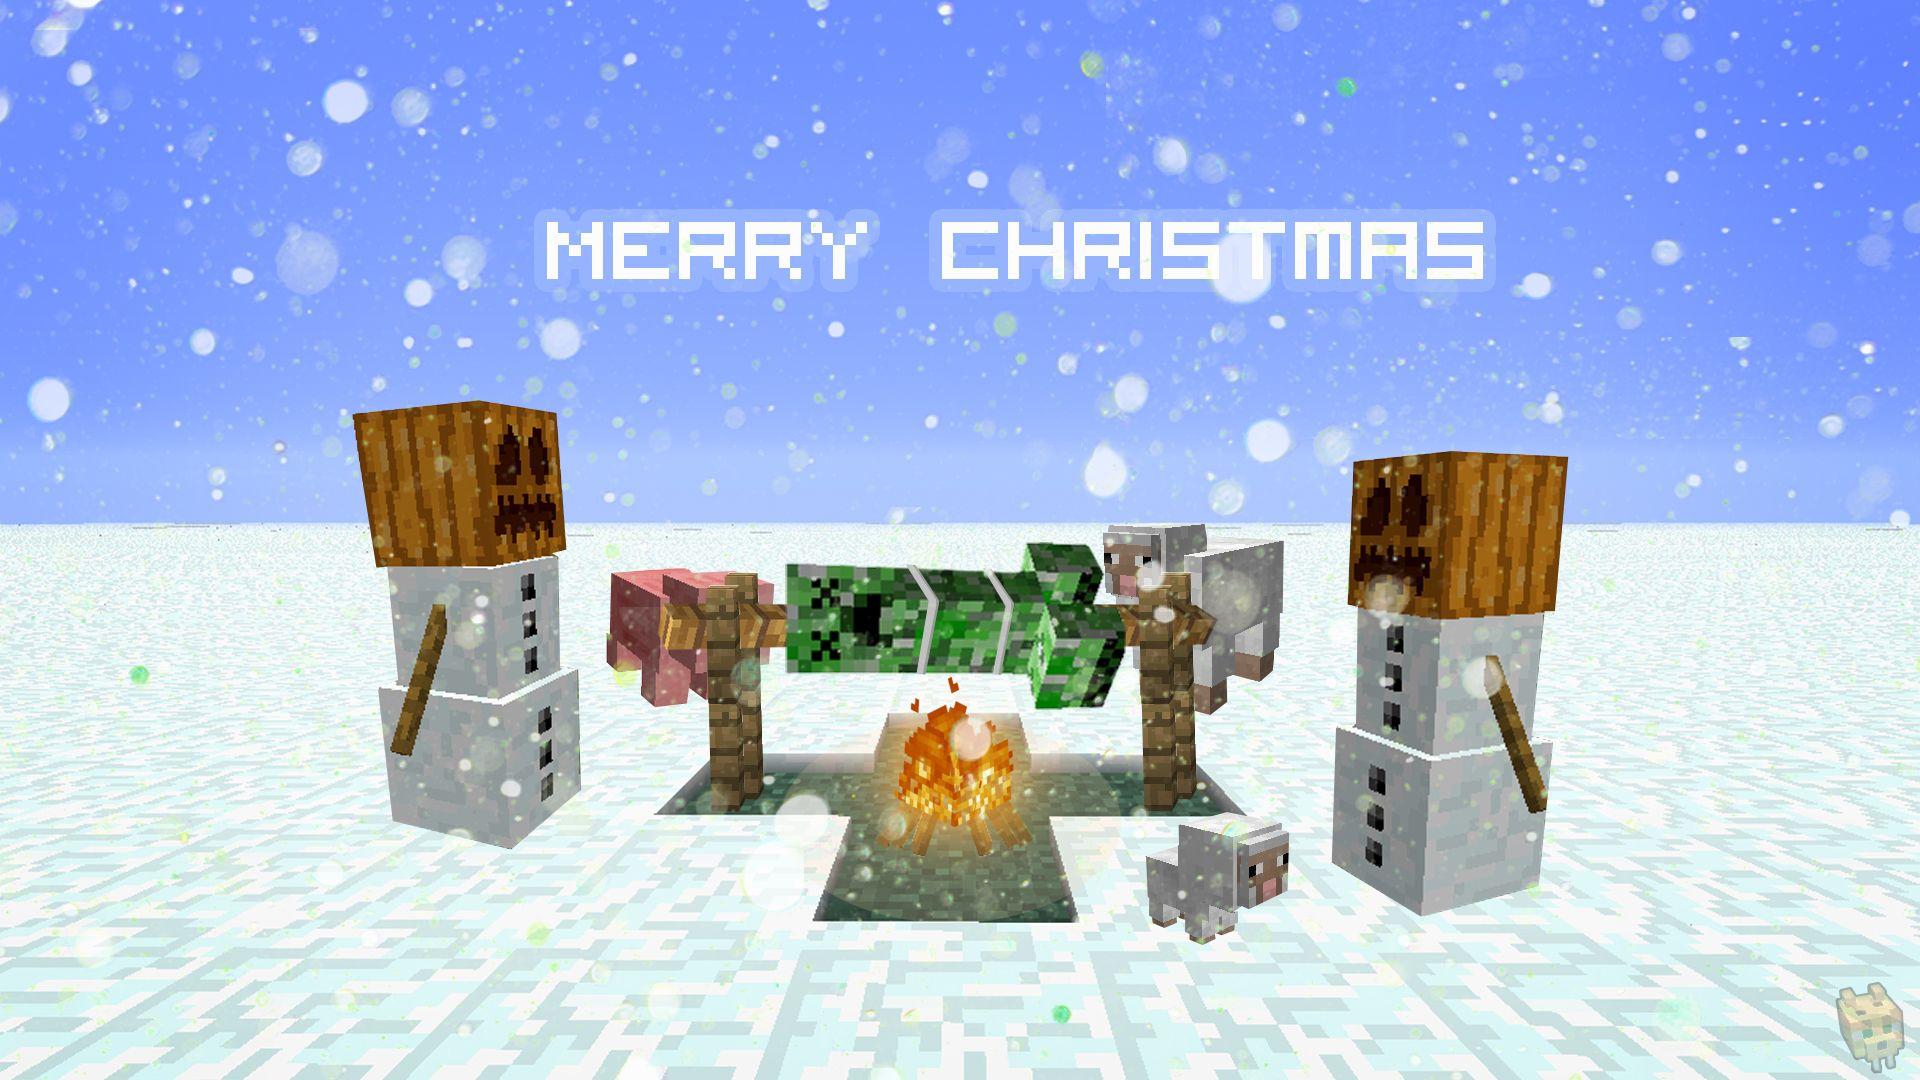 Popular Wallpaper Minecraft Christmas - 4b41c8a465af0801a03489d21dc6a6e2  Trends_664100.jpg